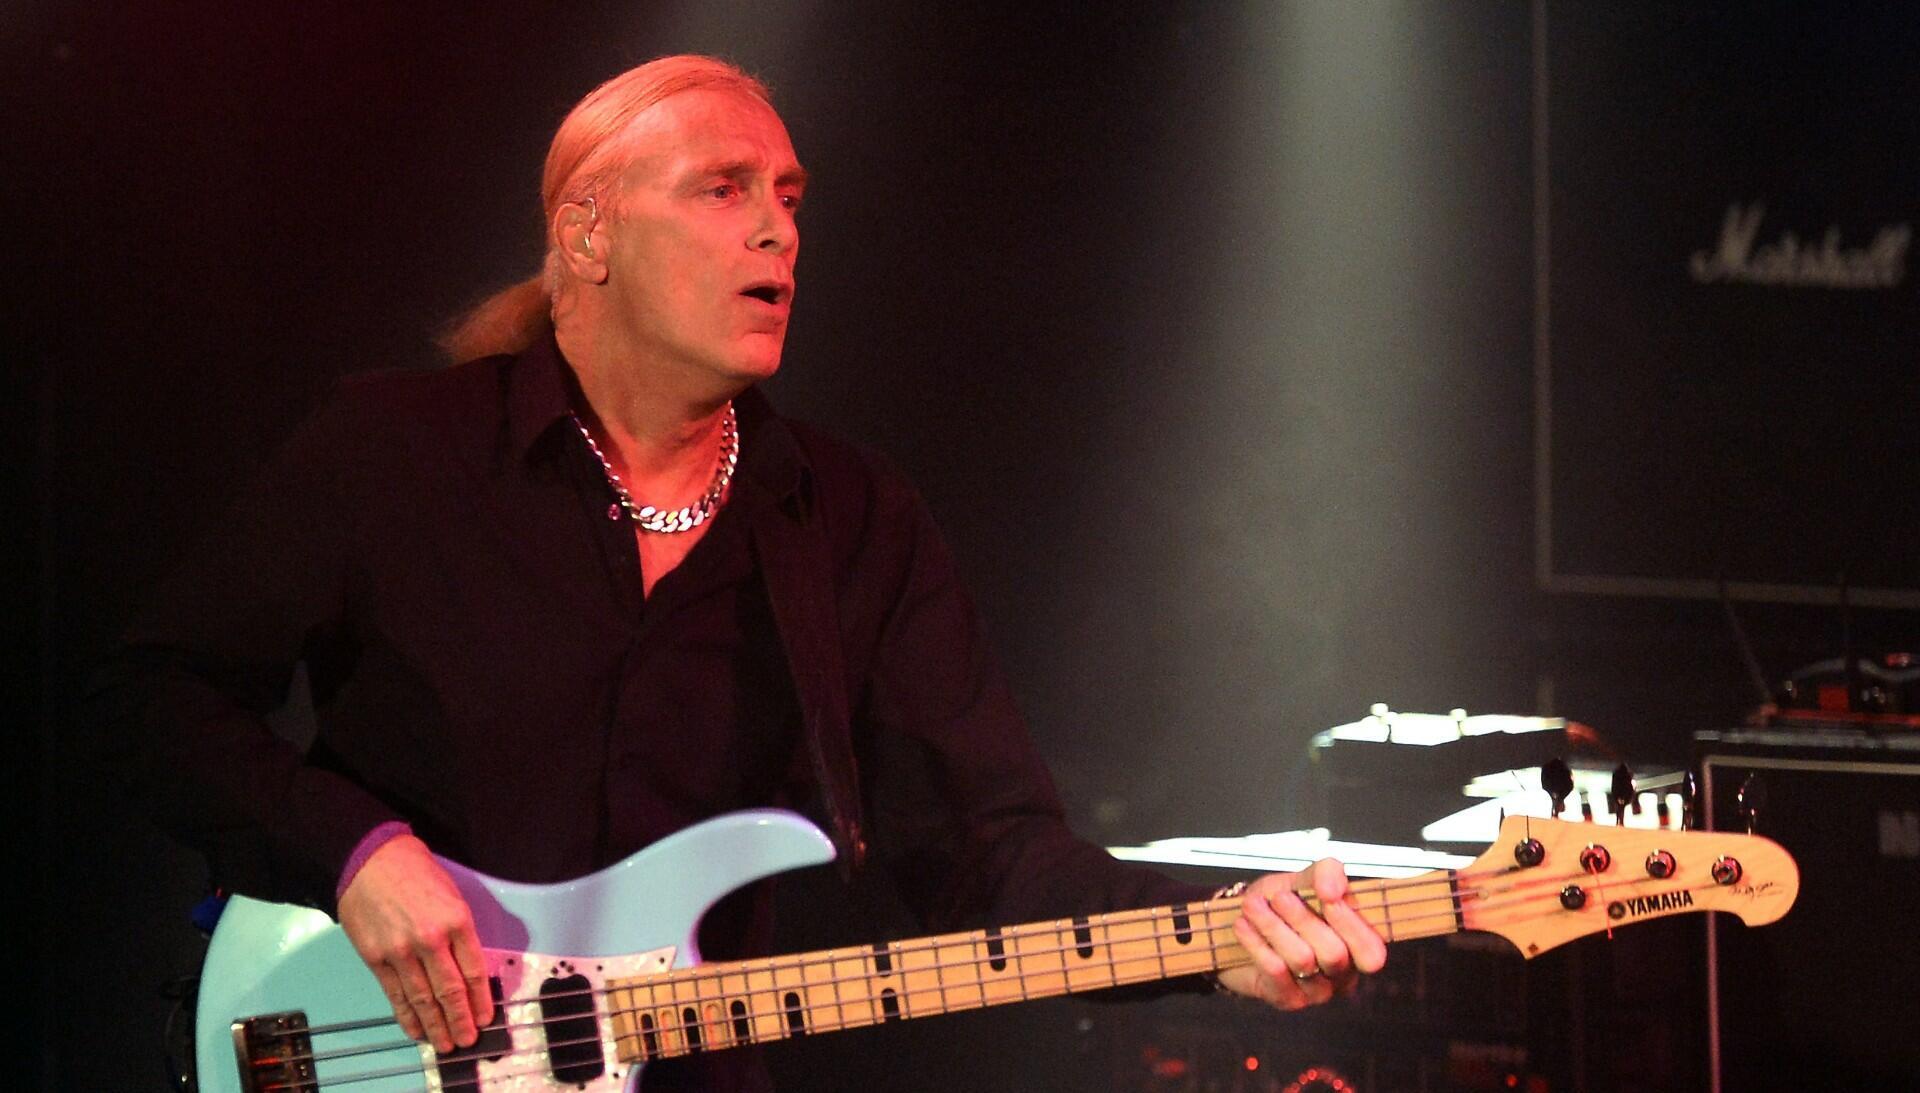 """Billy Sheehan Clarifies That Van Halen Never Made Him An """"Official Offer"""""""